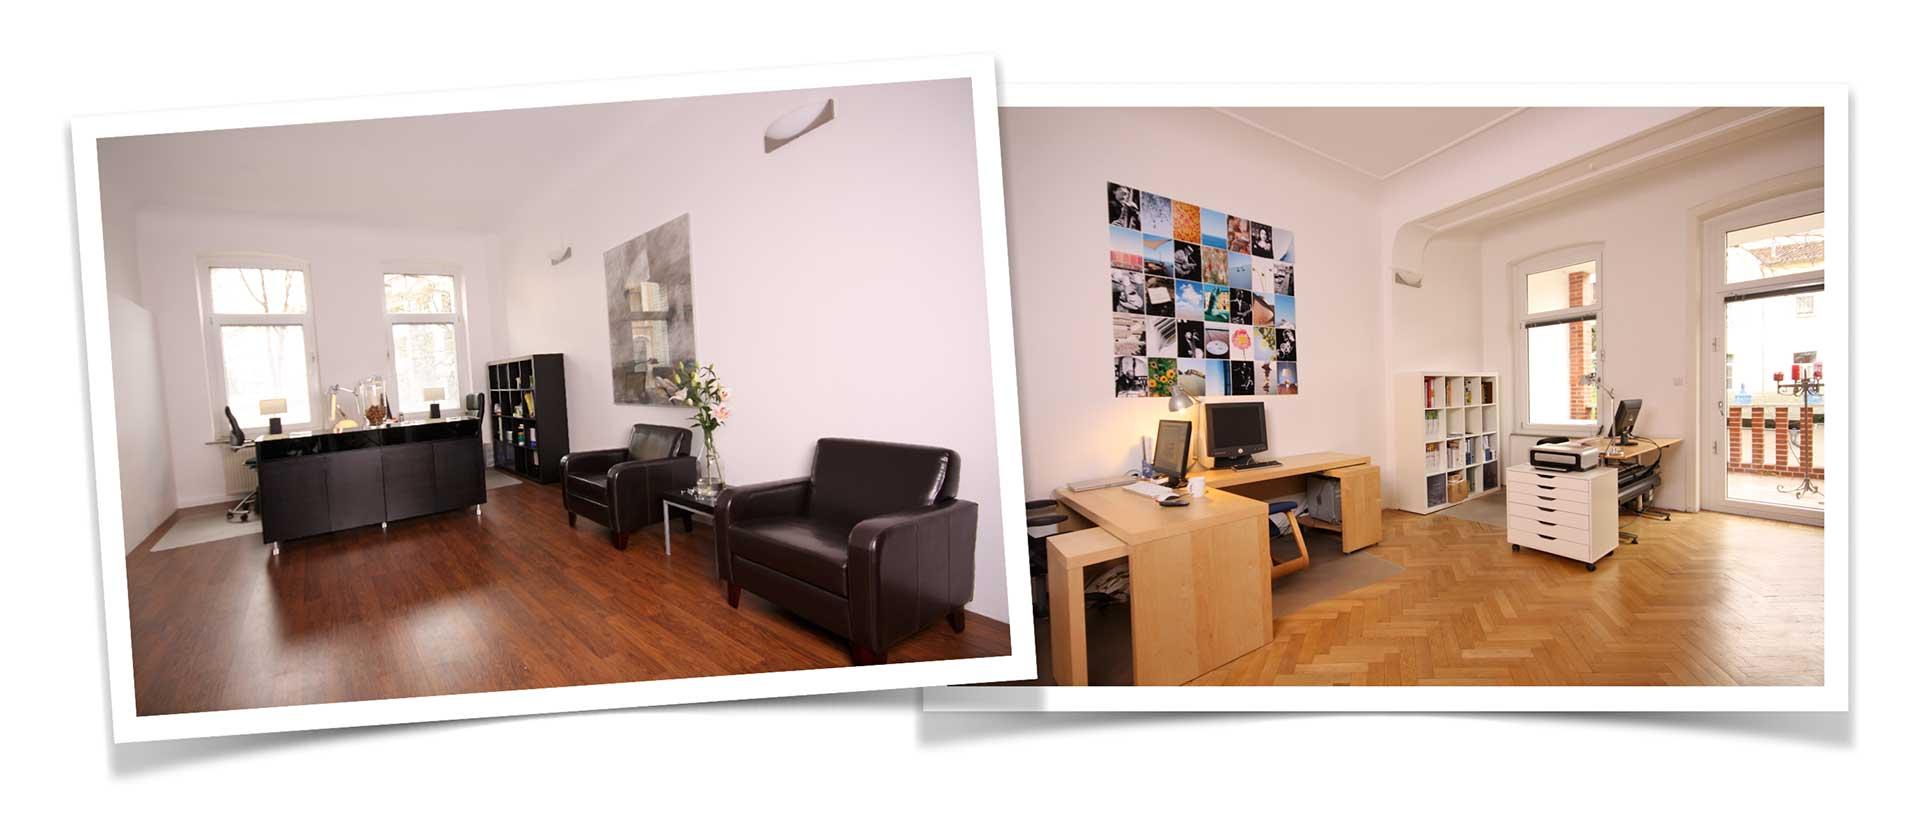 BBW Agenturräume 2007